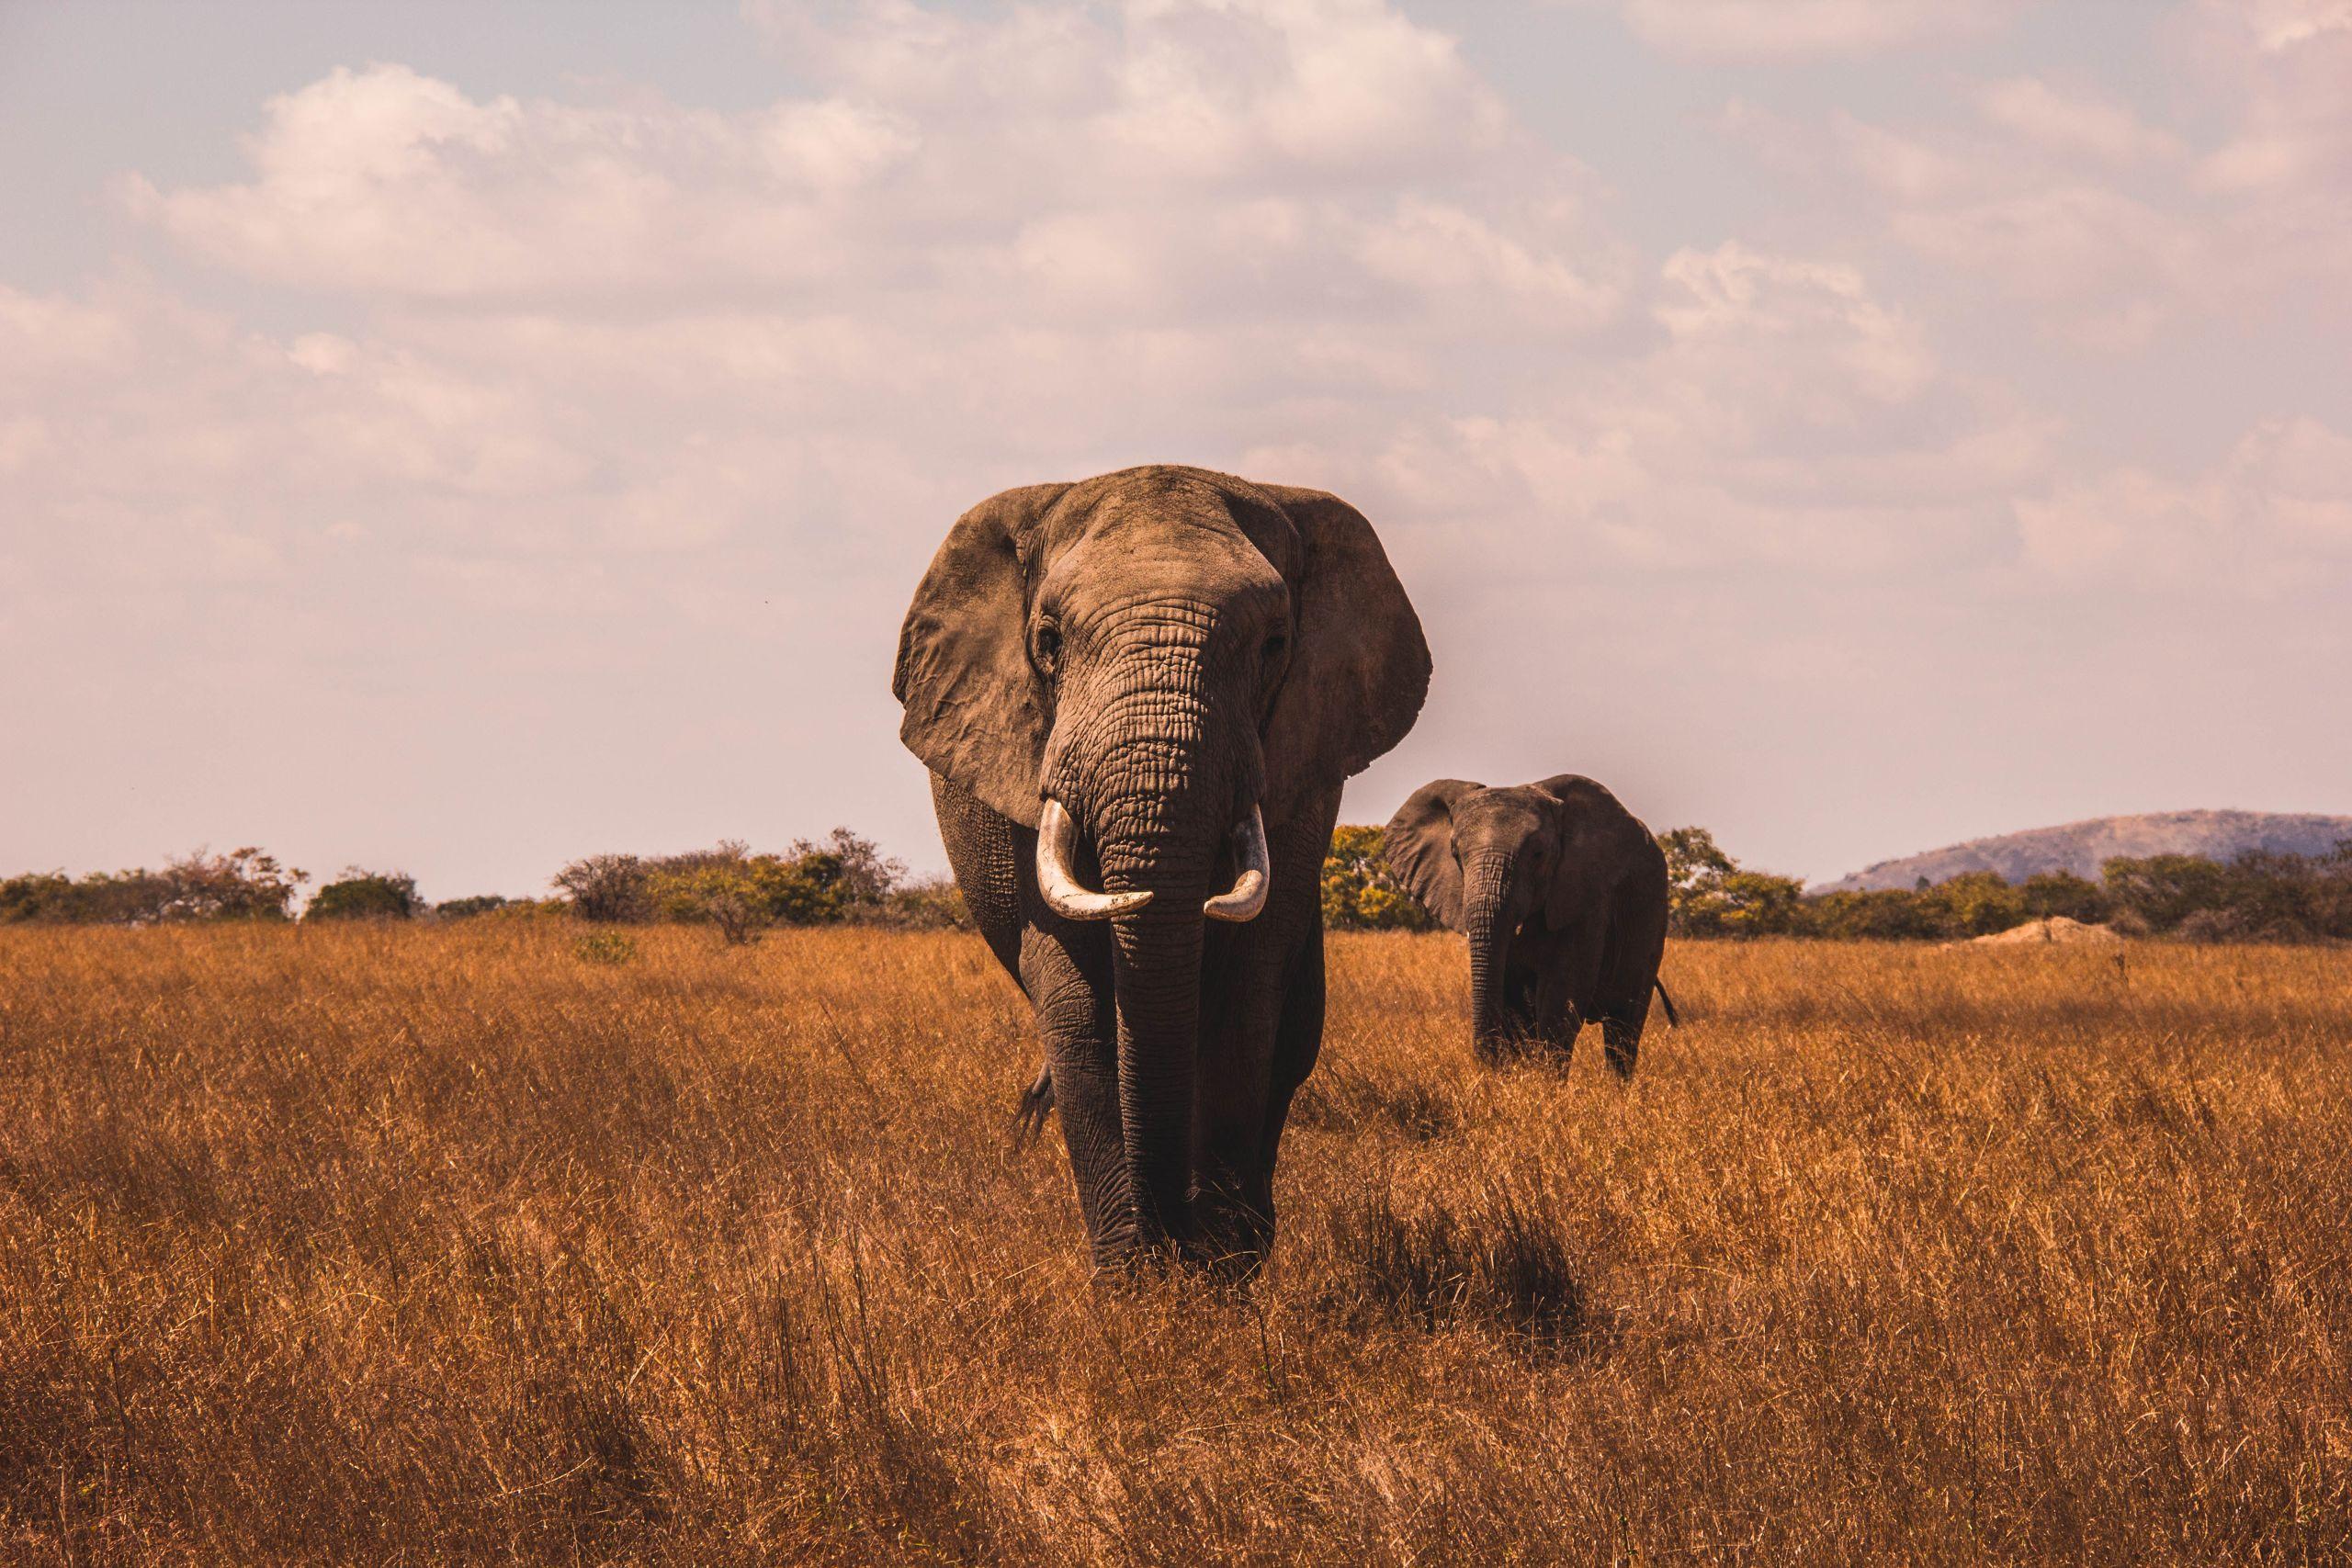 Oplev safariens vilde dyr i trygge rammer